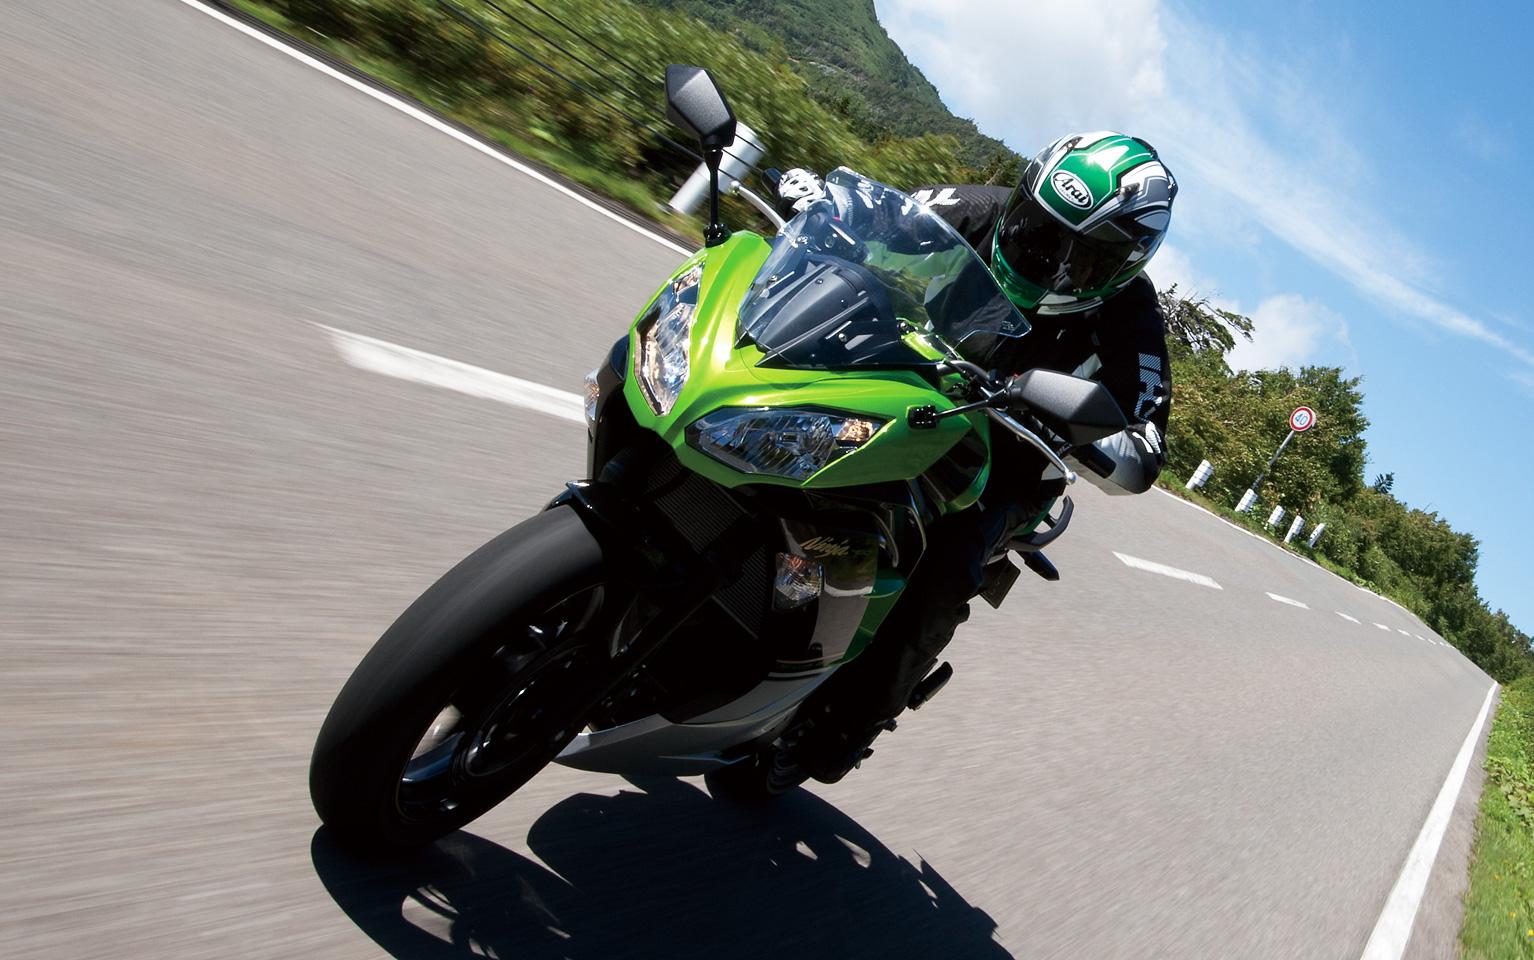 スポーツバイクに乗りたいなら、カワサキ・ニンジャ400をチェック!のサムネイル画像